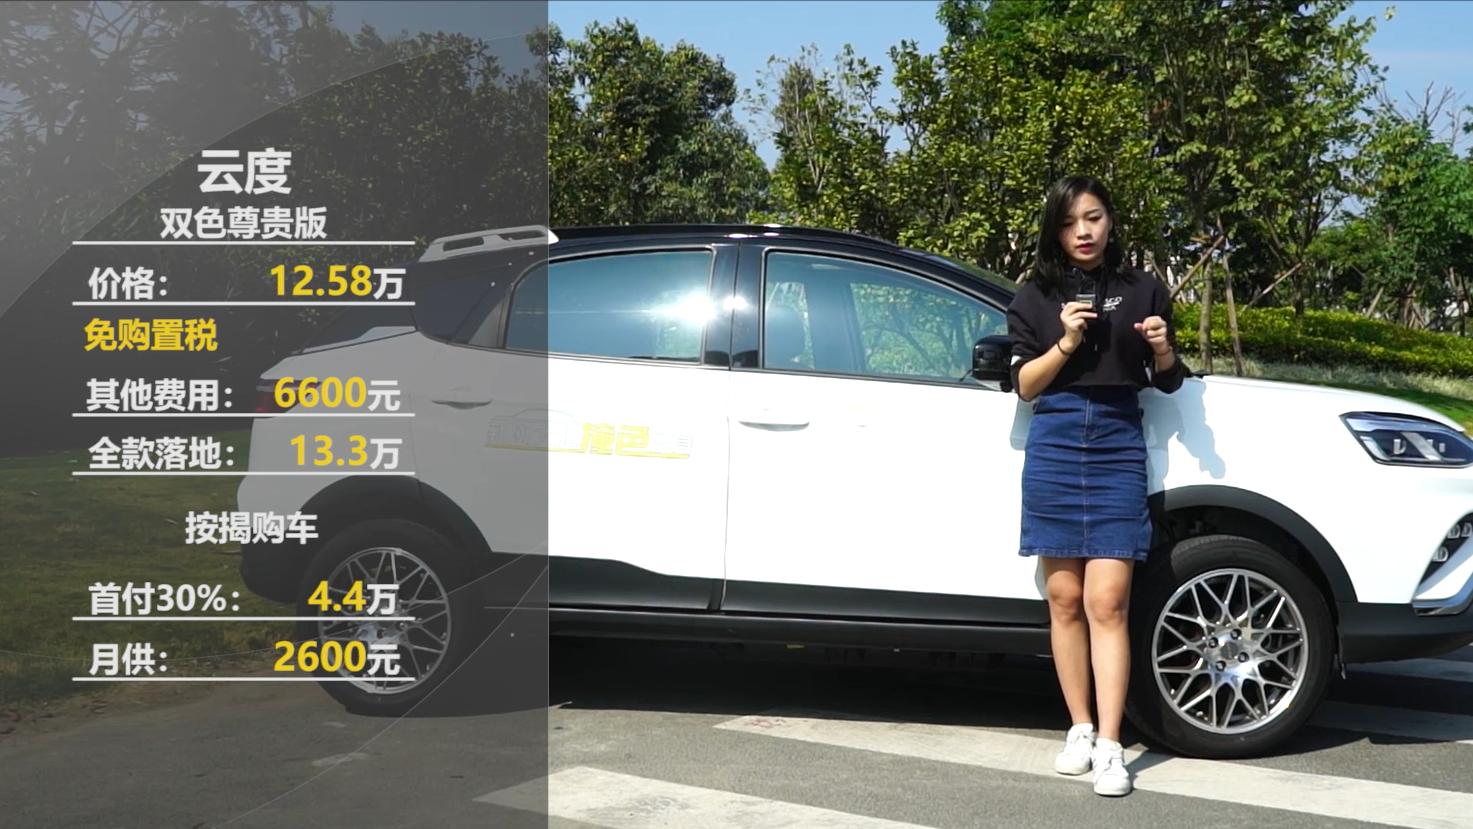 [60秒评新车]绿牌首付4.4万就能开走 云度π3哪款最值